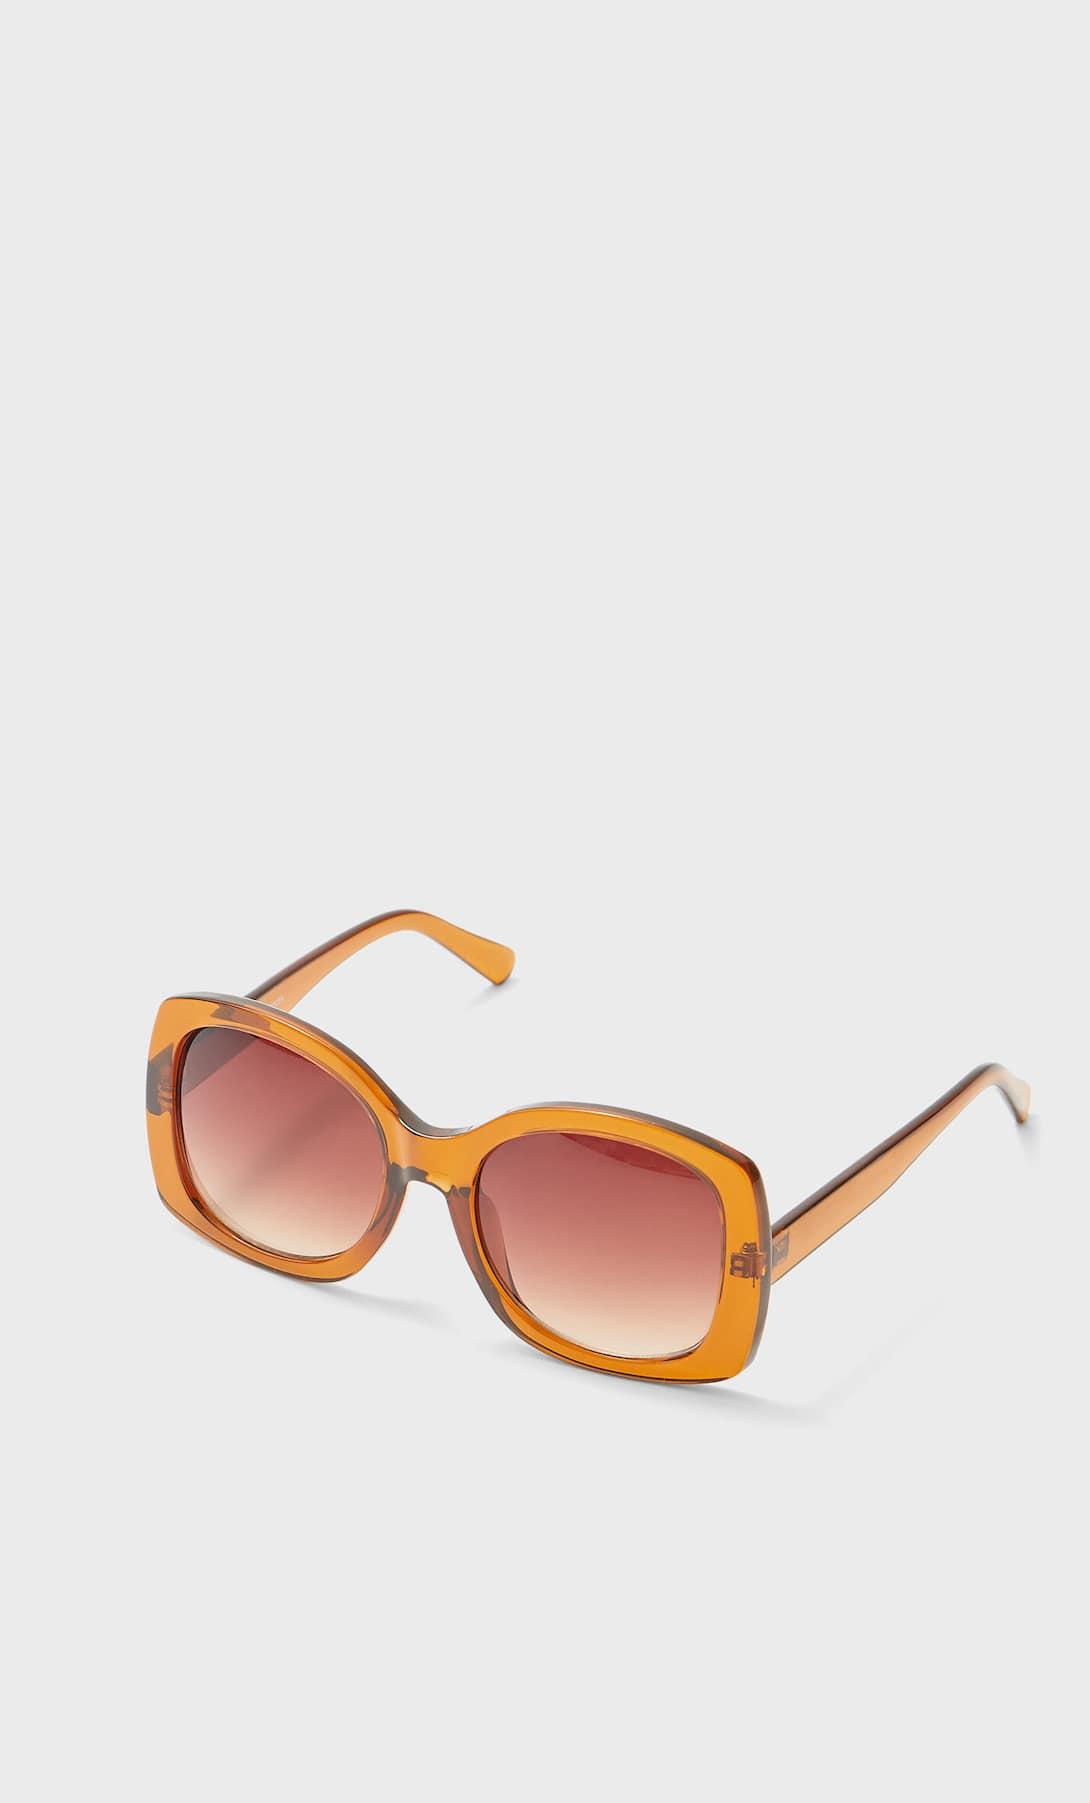 Estas son las gafas de sol low cost más glamurosas del verano de Stradivarius